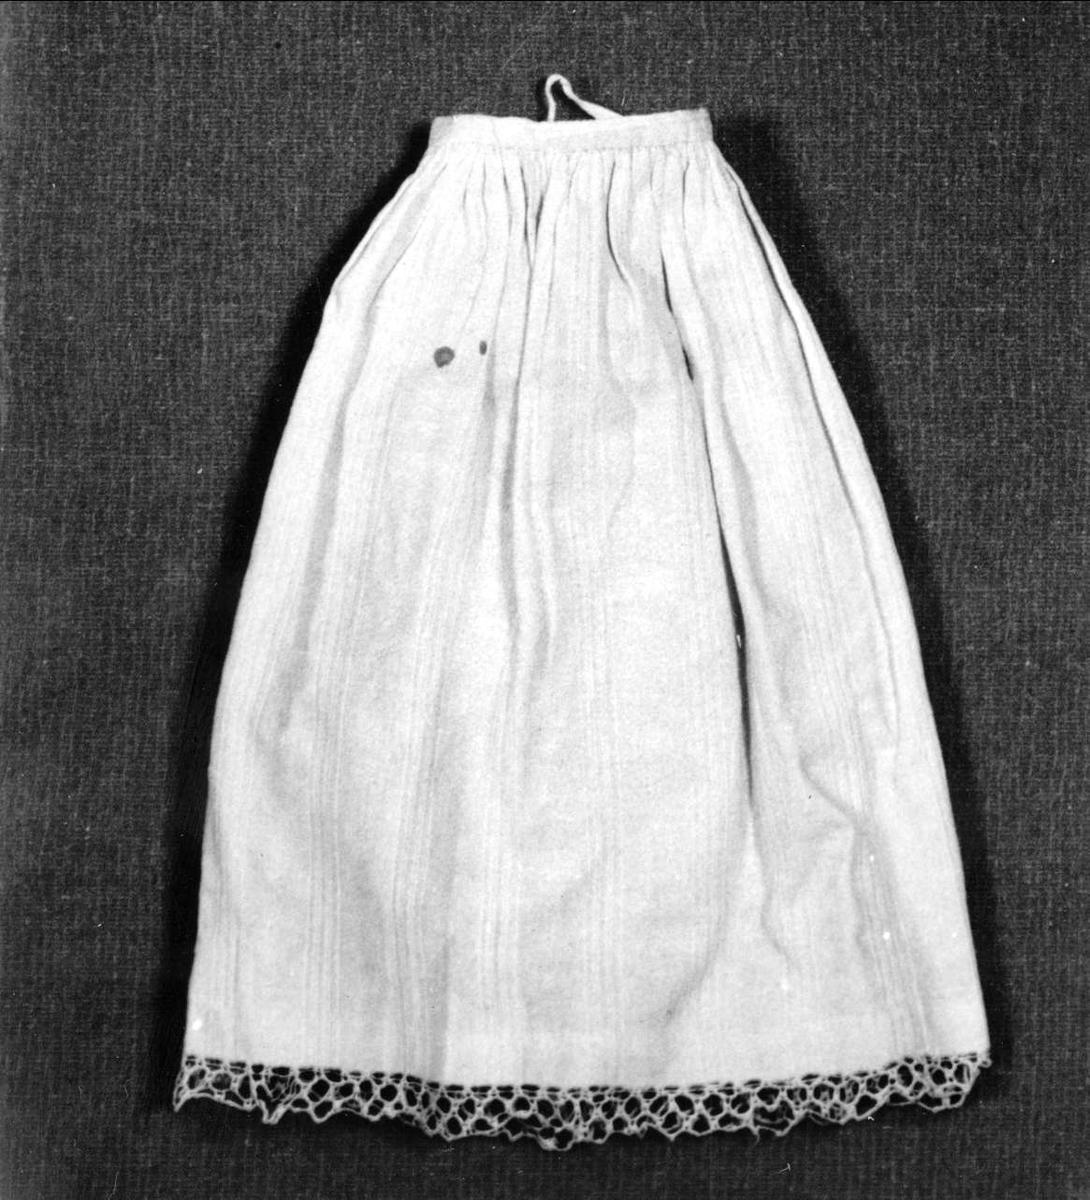 Dockplagg. Underkjol av vitt mönstervävt bomullstyg med spetskant.